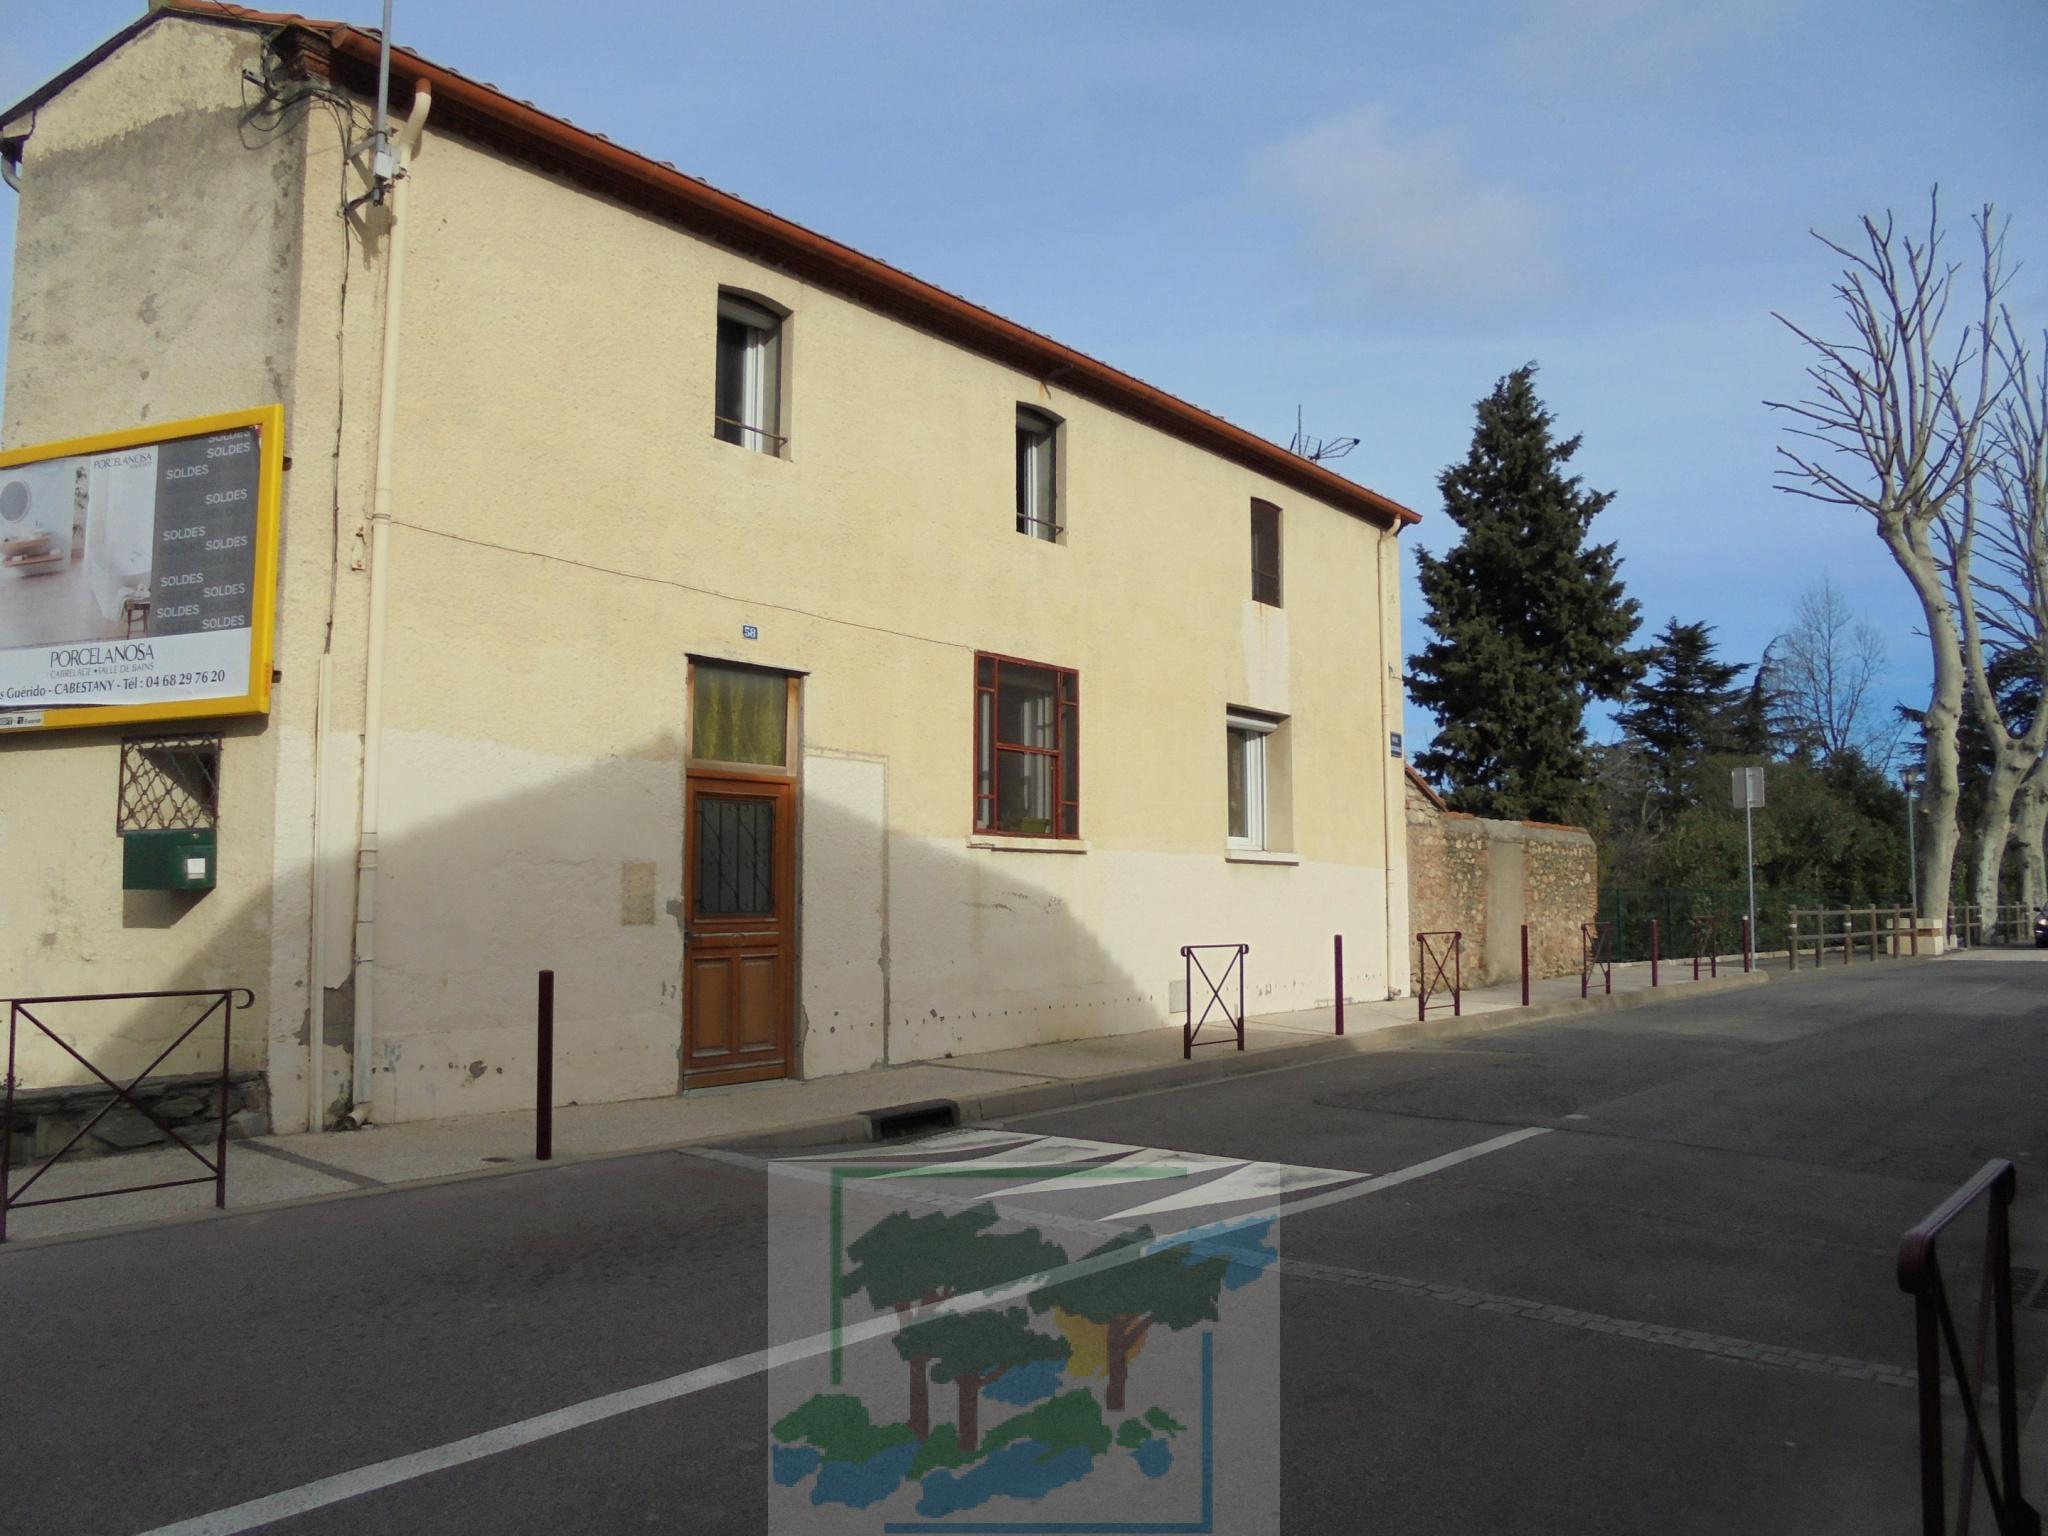 Location Maison De Village Rénovée 3 Chambres Garage Jardin Non